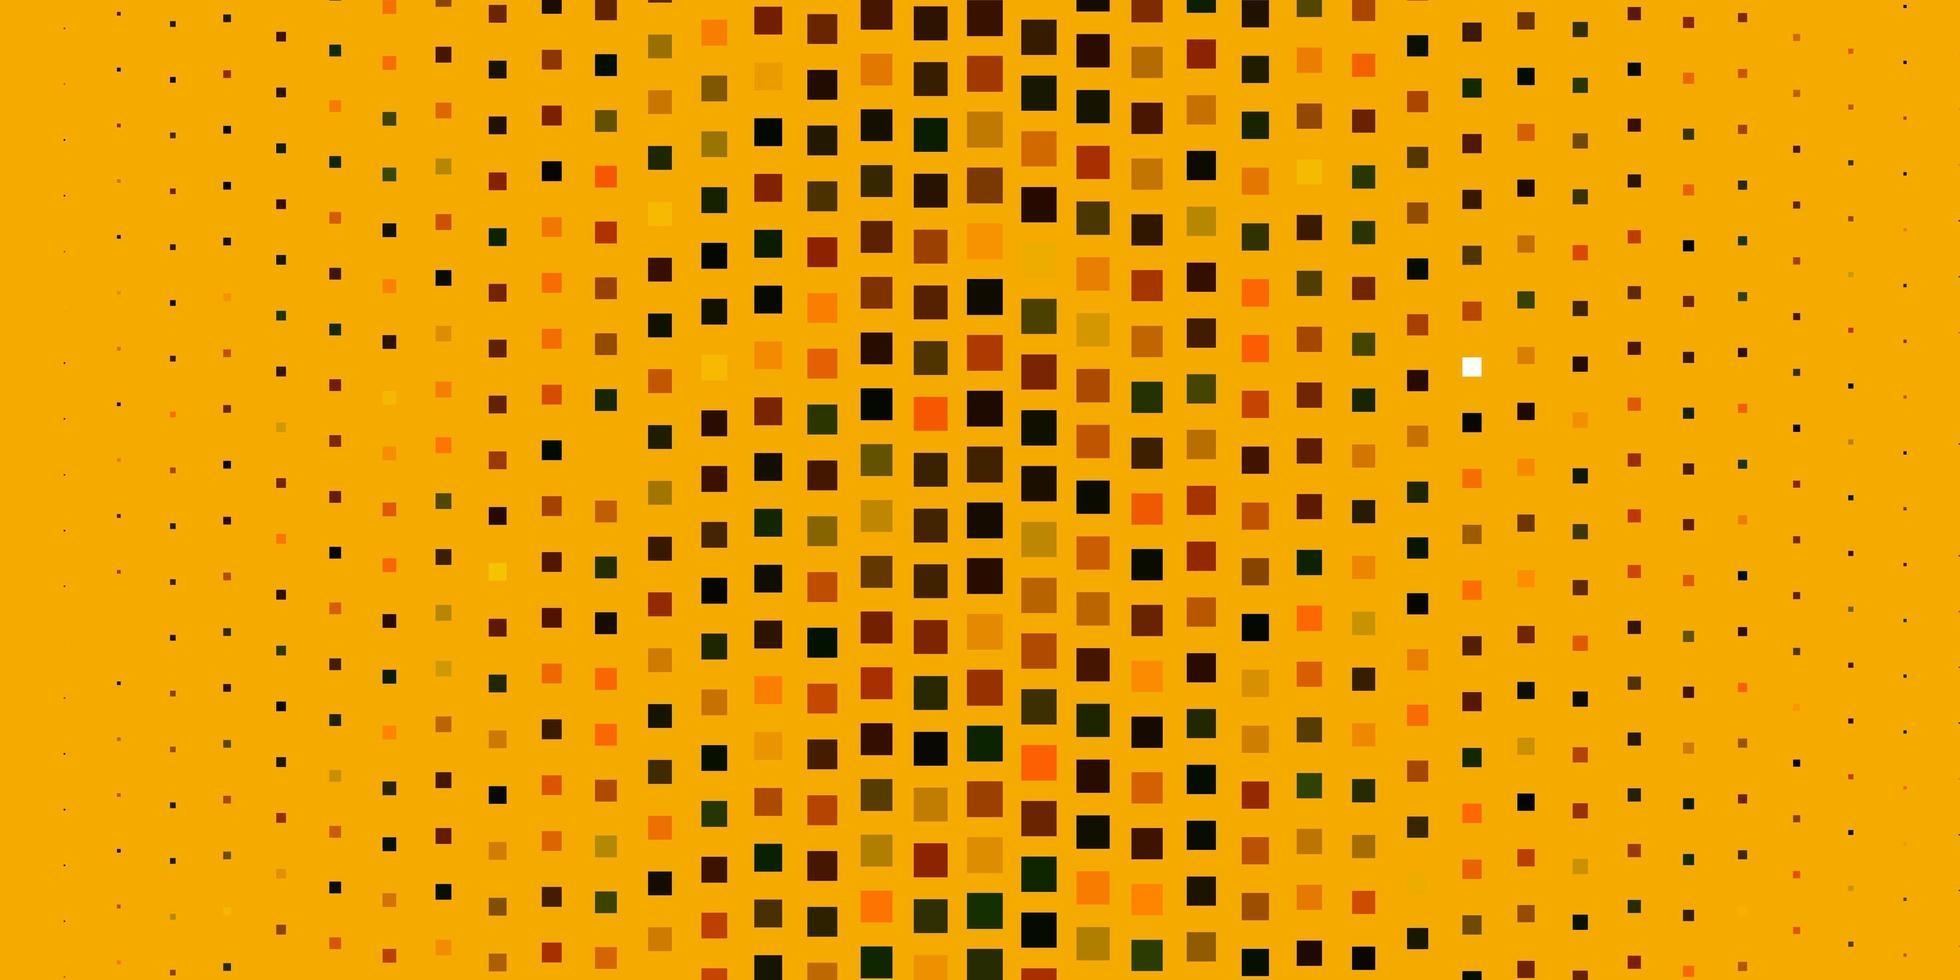 sfondo vettoriale verde scuro, giallo in stile poligonale.